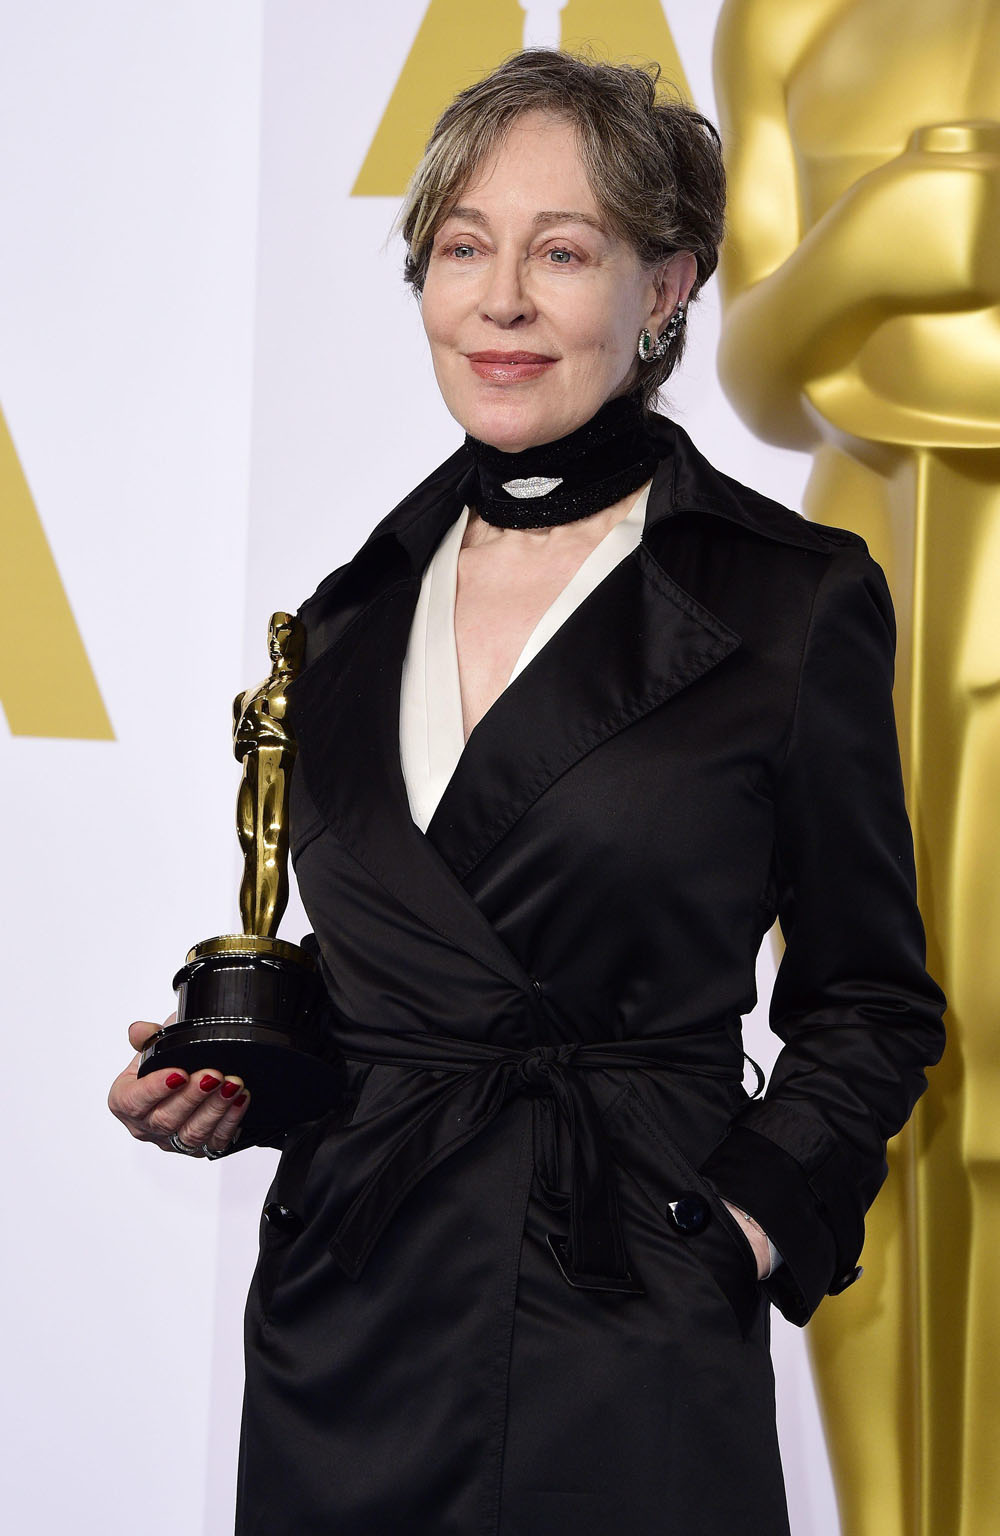 Milena Canonero, vincitrice del Premio Oscar per i Migliori Costumi per <em>Grand Budapest Hotel</em>.